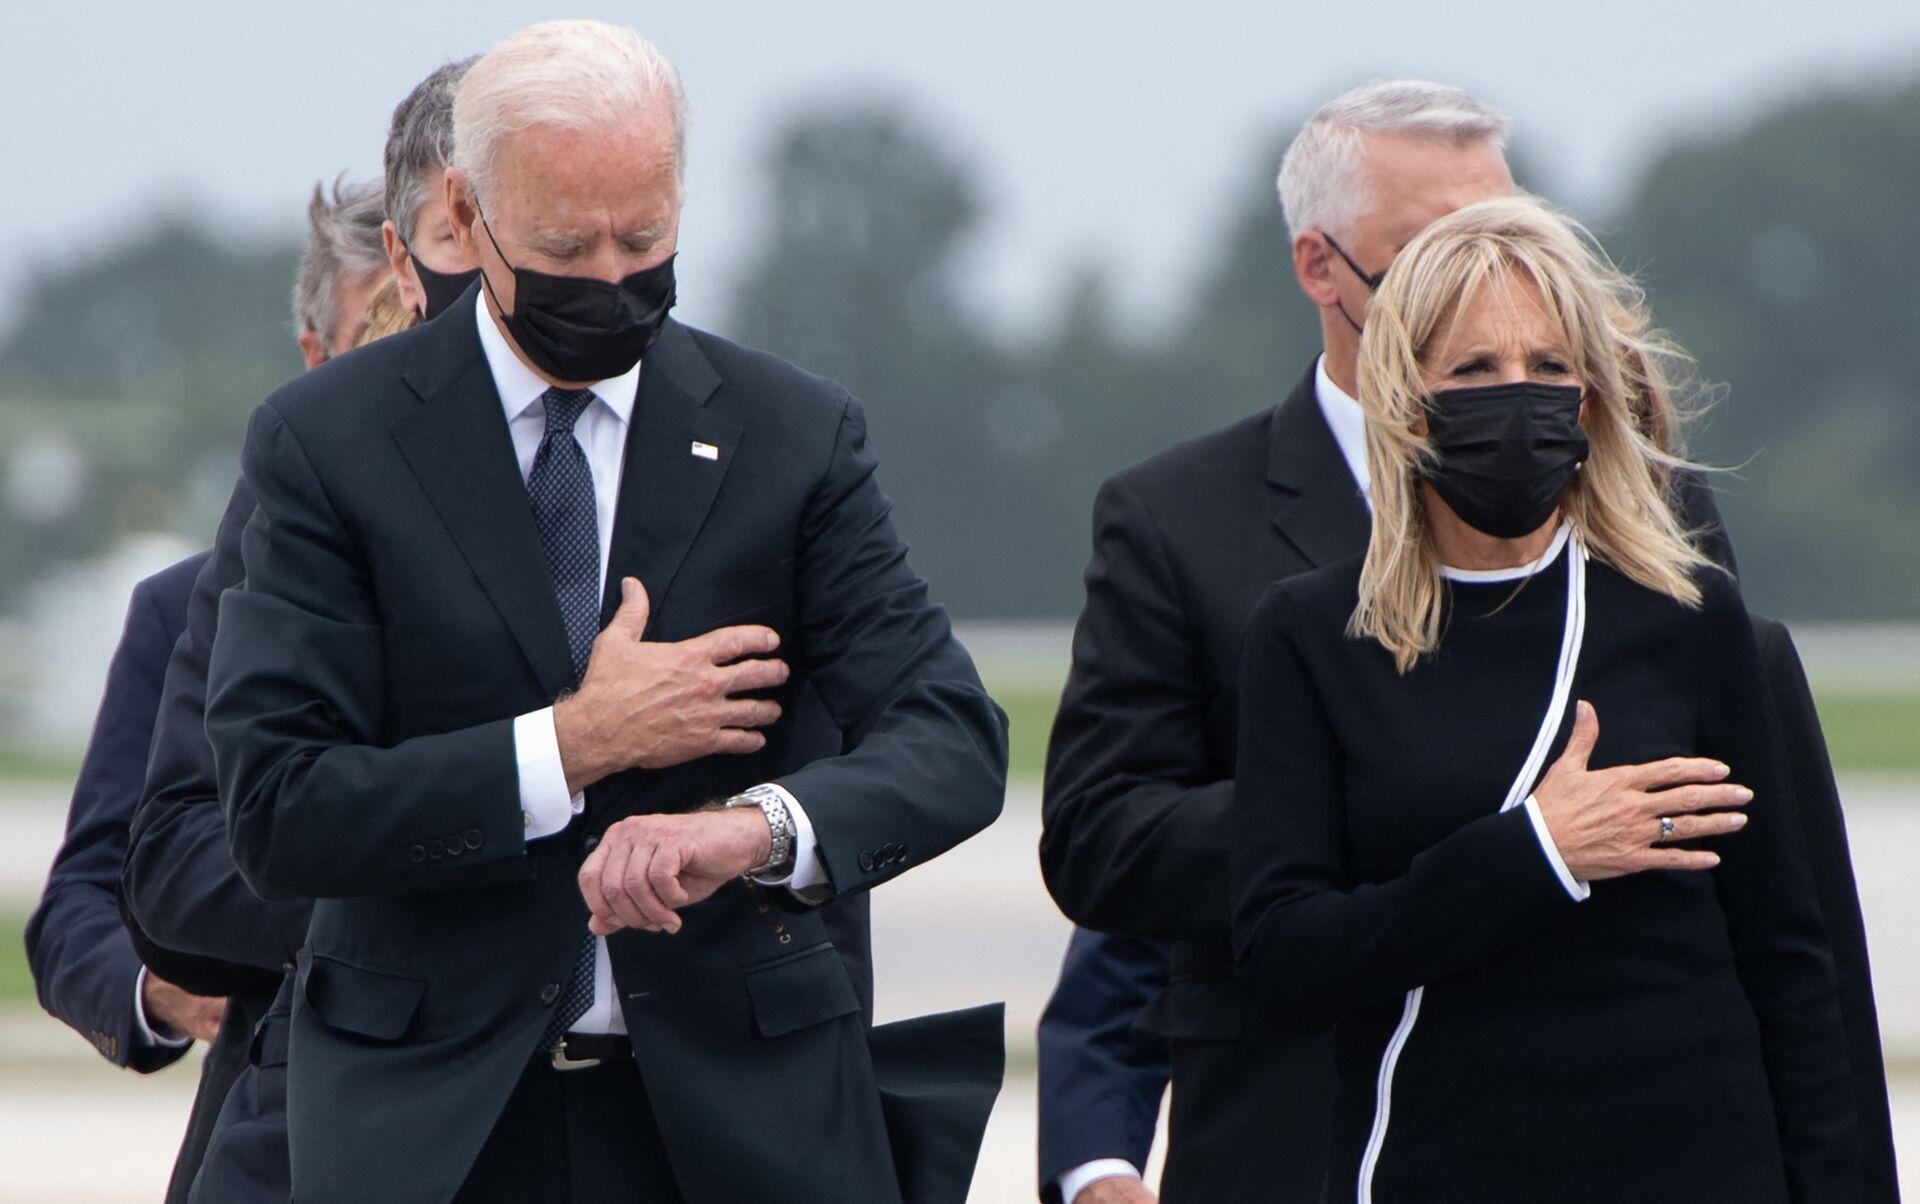 Tổng thống Hoa Kỳ Joe Biden cùng phu nhân tại căn cứ Không quân Dover trong nghi lễ chuyển giao hài cốt một quân nhân Mỹ thiệt mạng ở Afghanistan - Sputnik Việt Nam, 1920, 05.10.2021